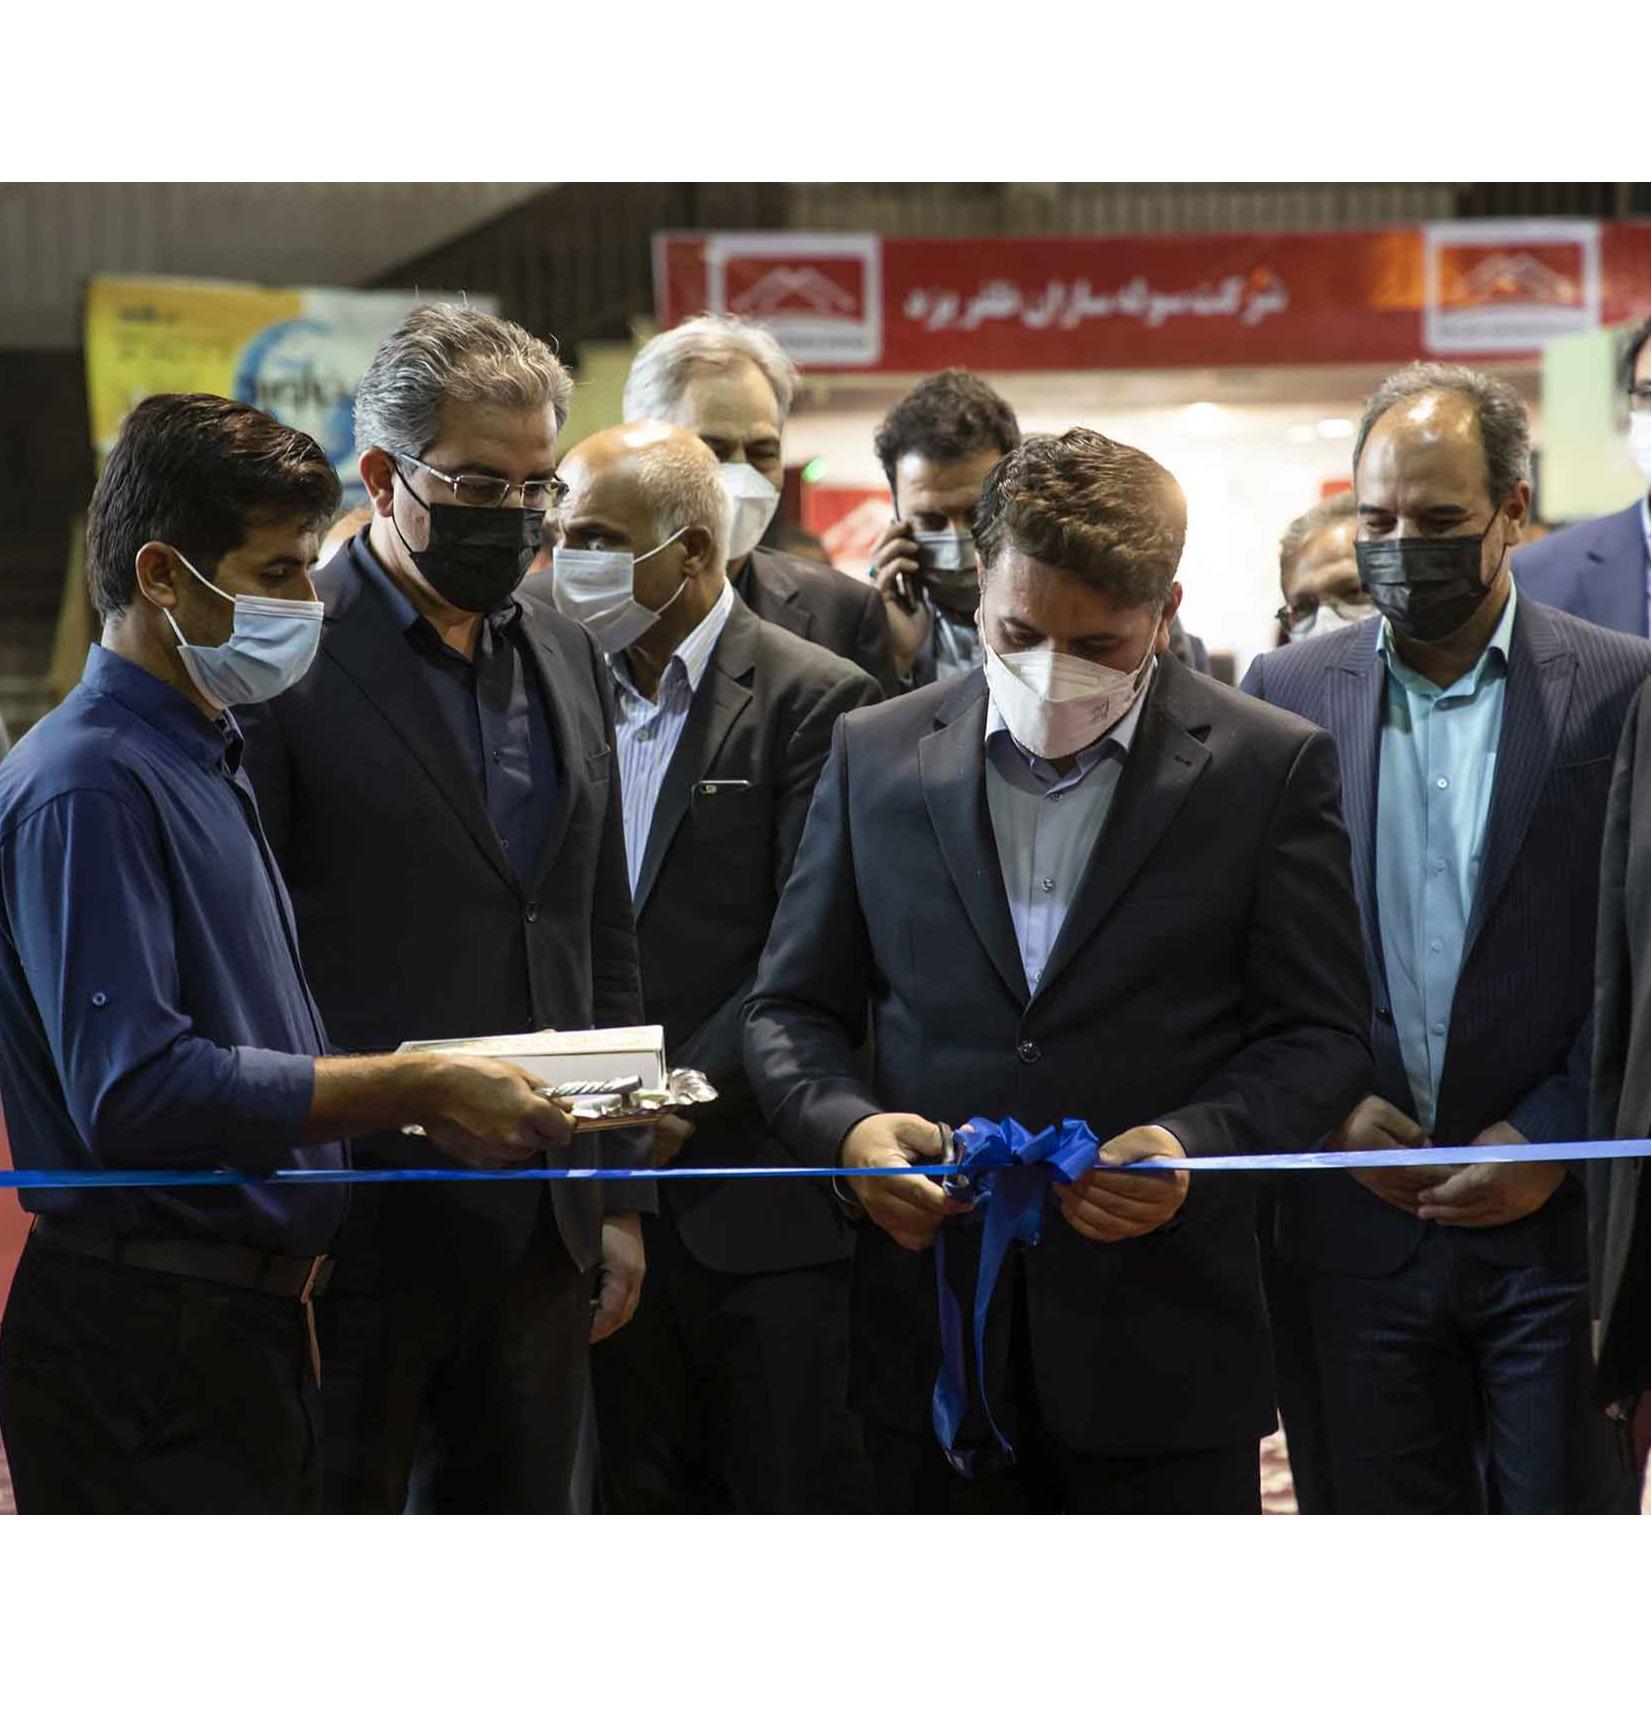 نمایشگاه مصالح و تاسیسات ساختمانی در یزد گشایش یافت